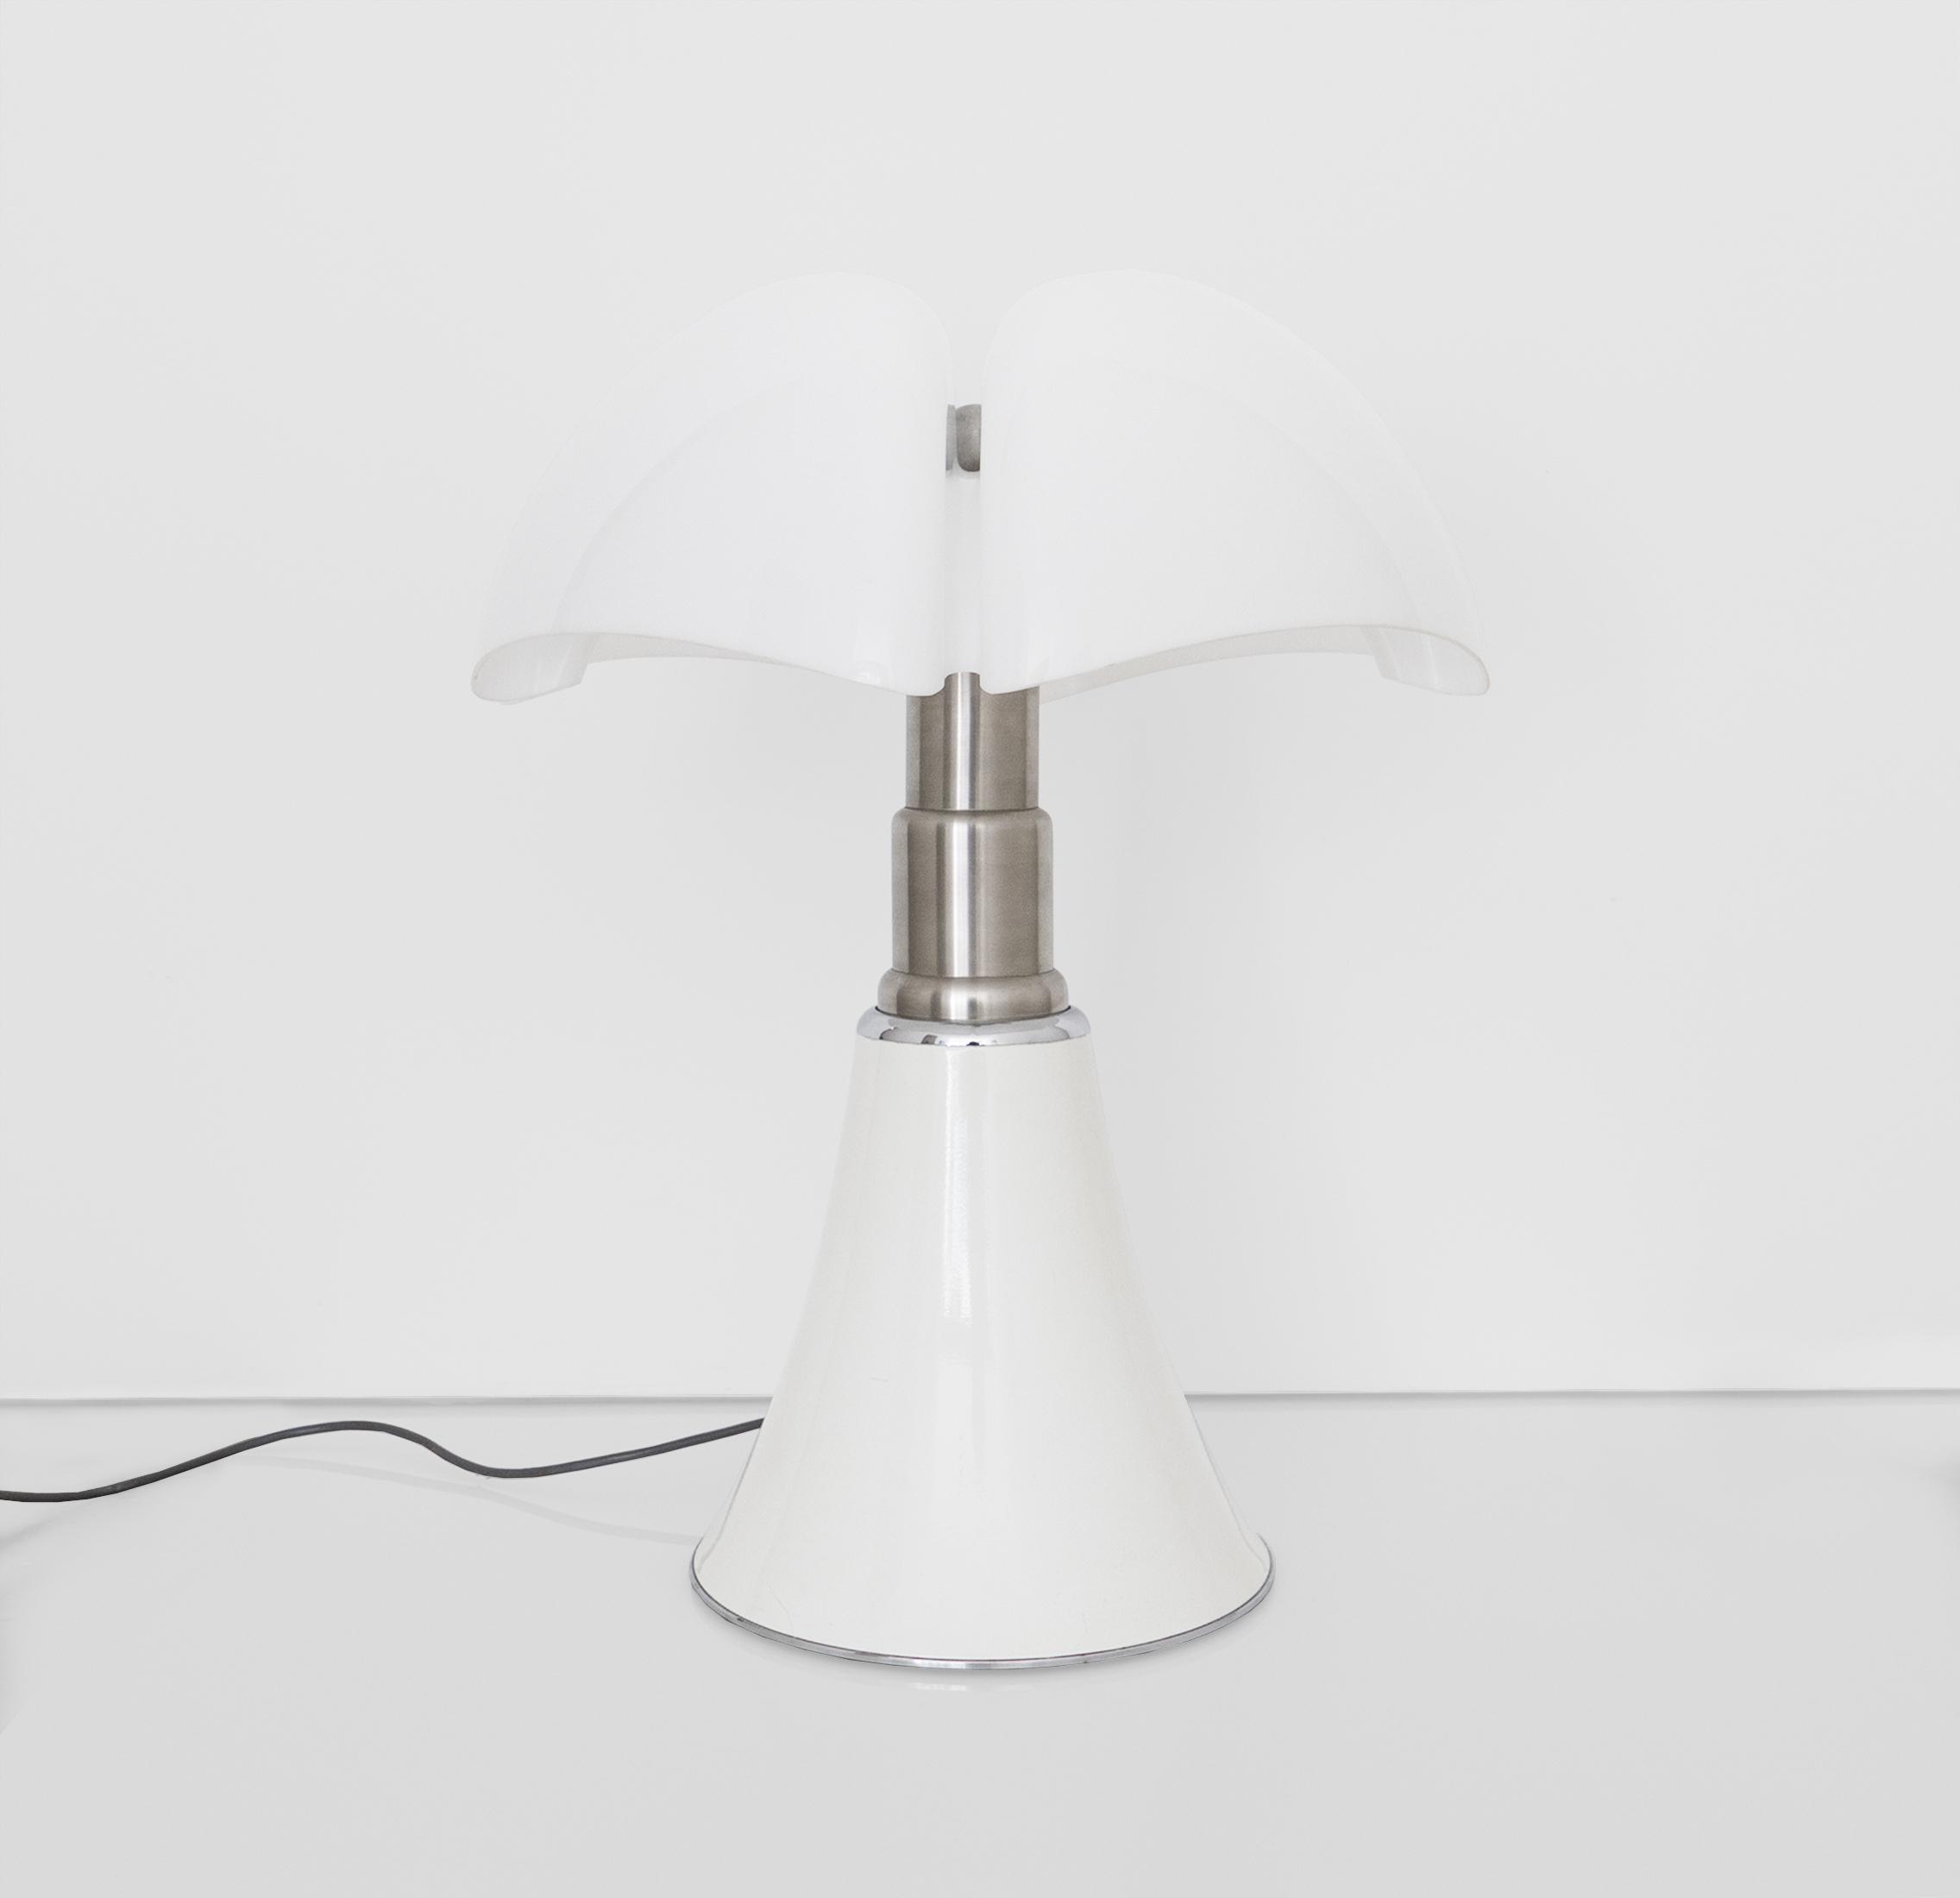 GAE AULENTI  PIPISTRELLO TABLE LAMP DESIGNED FOR MARTINELLI LUCE  c. 1960 - 1969 ...